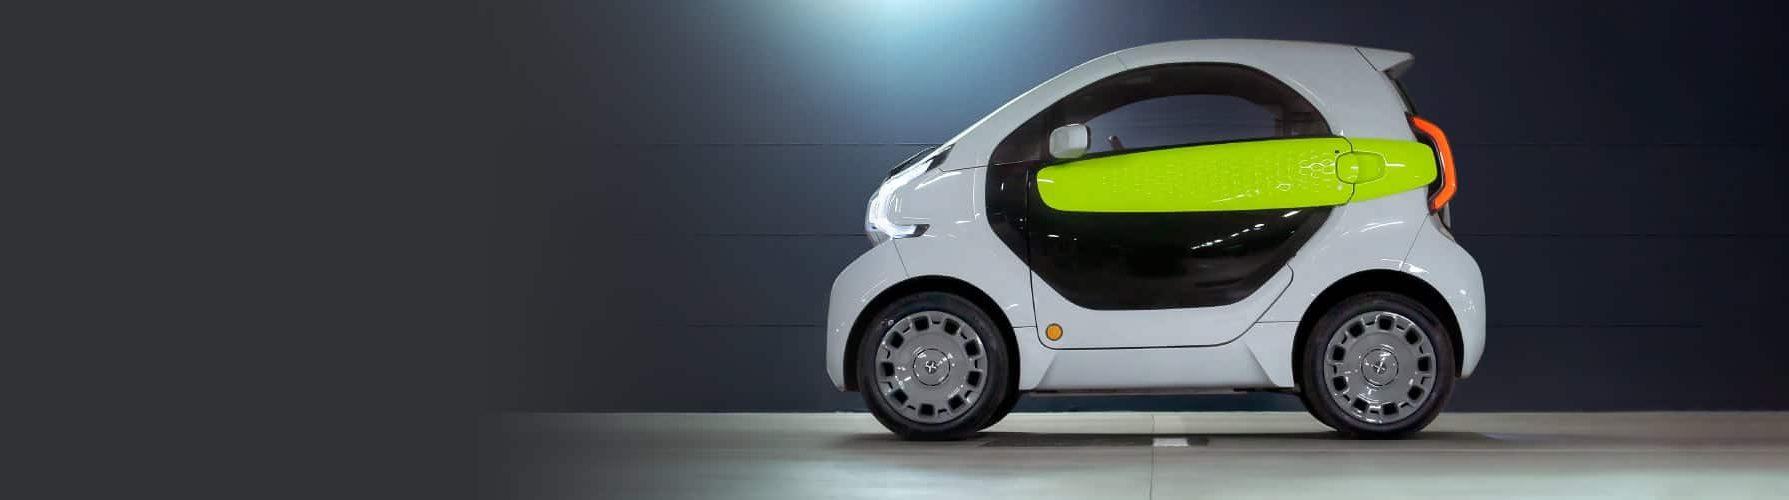 Yoyo vehículos eléctricos